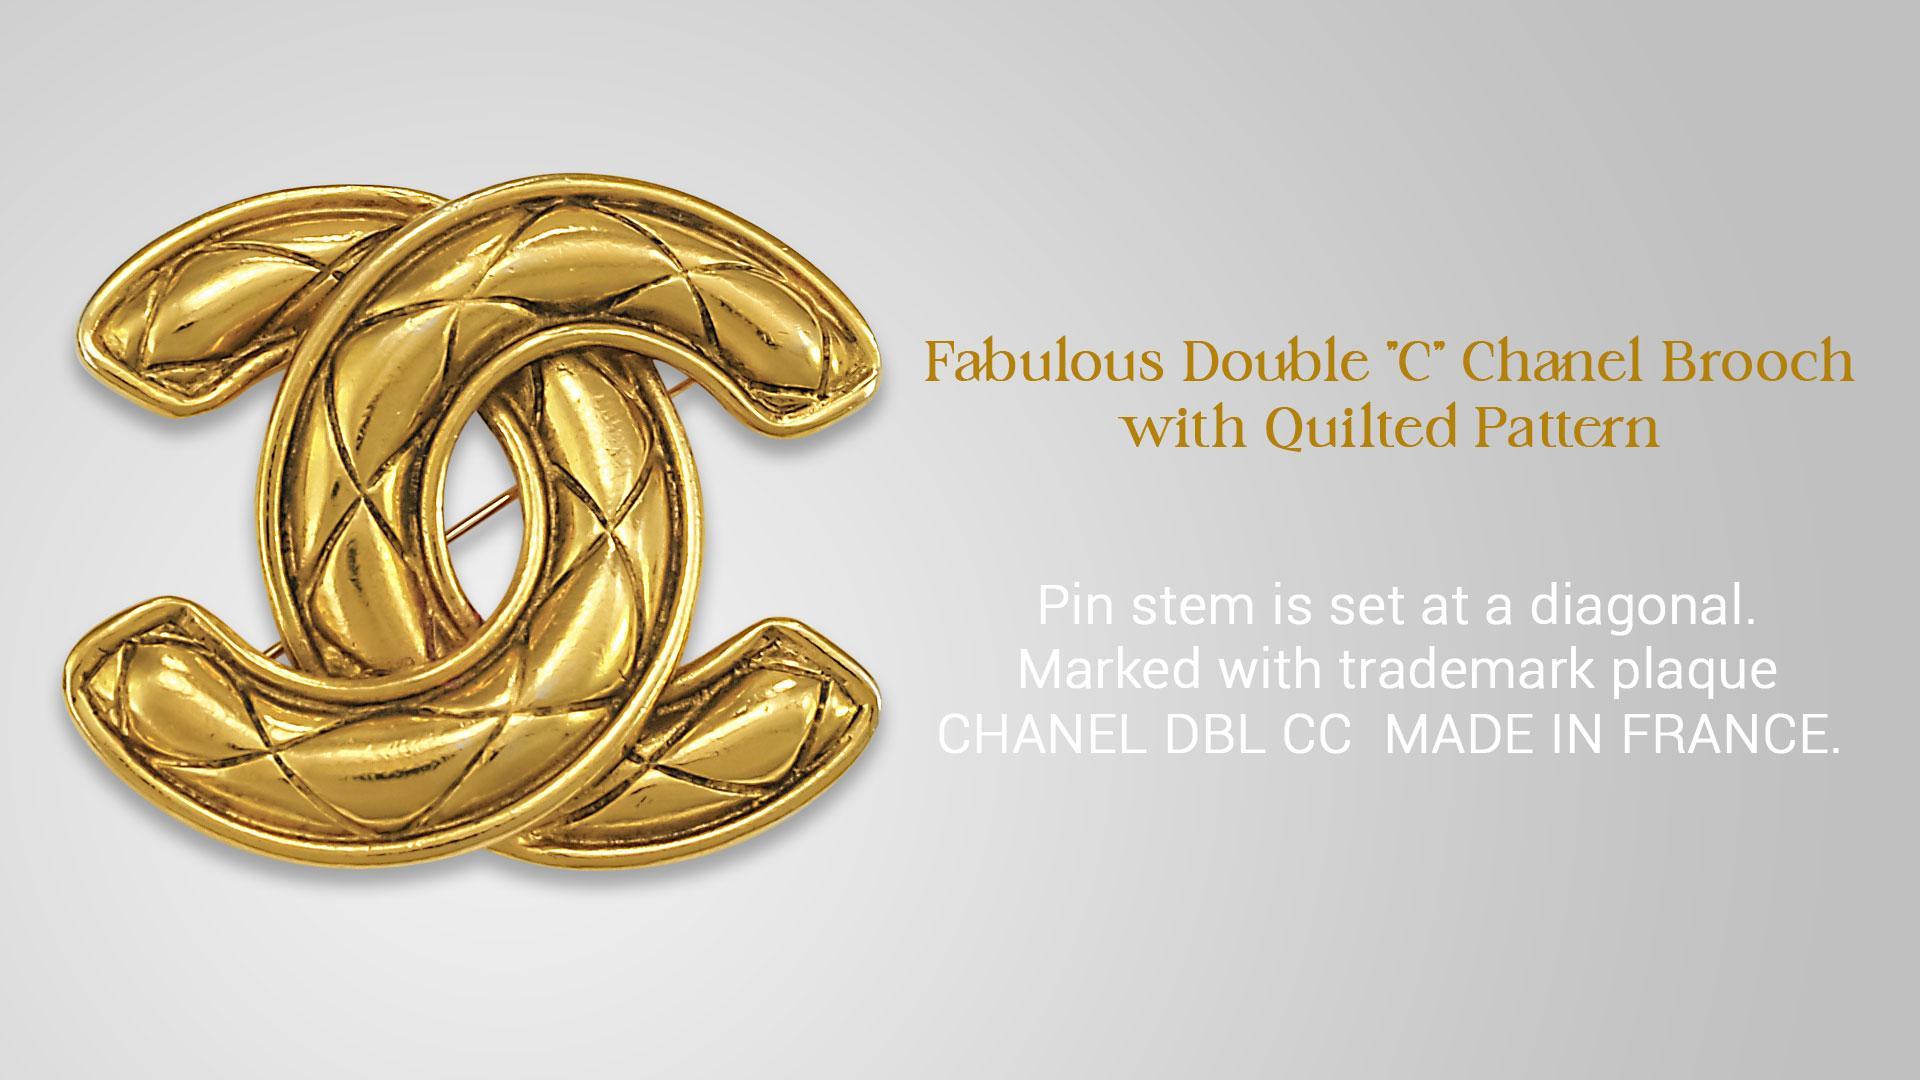 Fabulous-Double-C-Chanel-Brooch